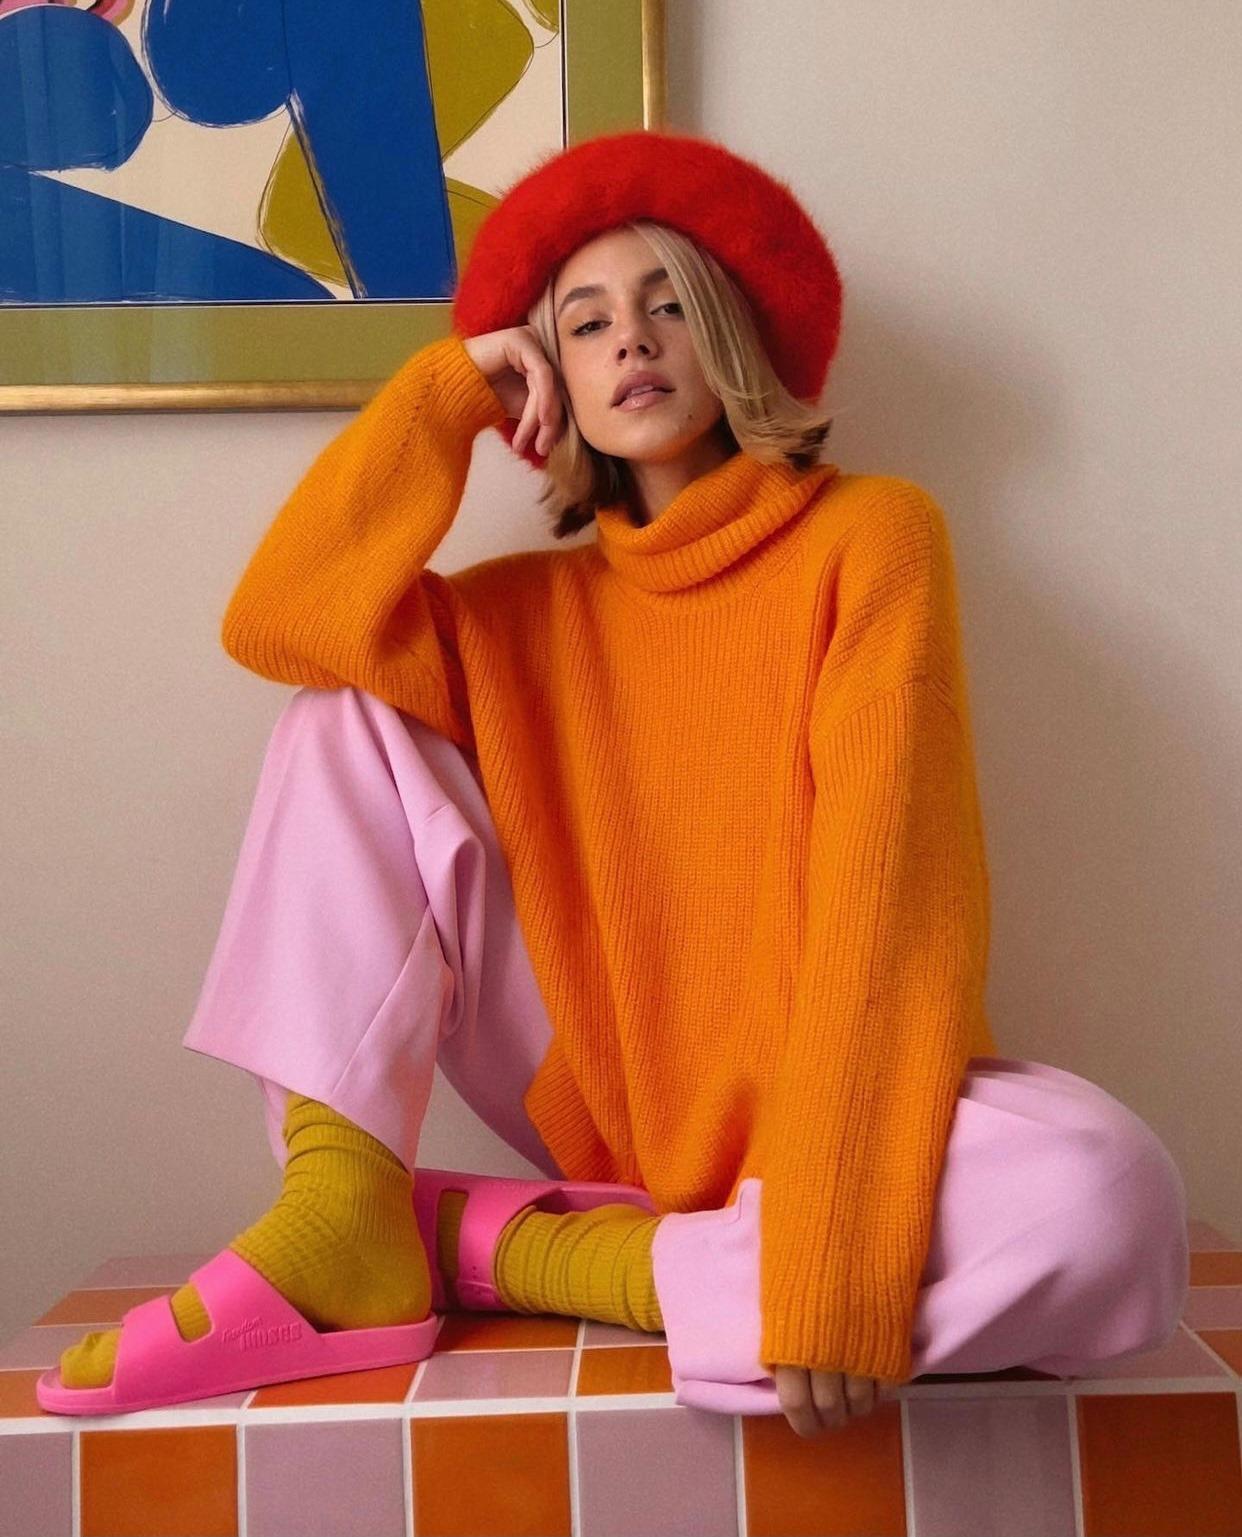 Phối áo len cam đất cùng quần và dép cao su hồng